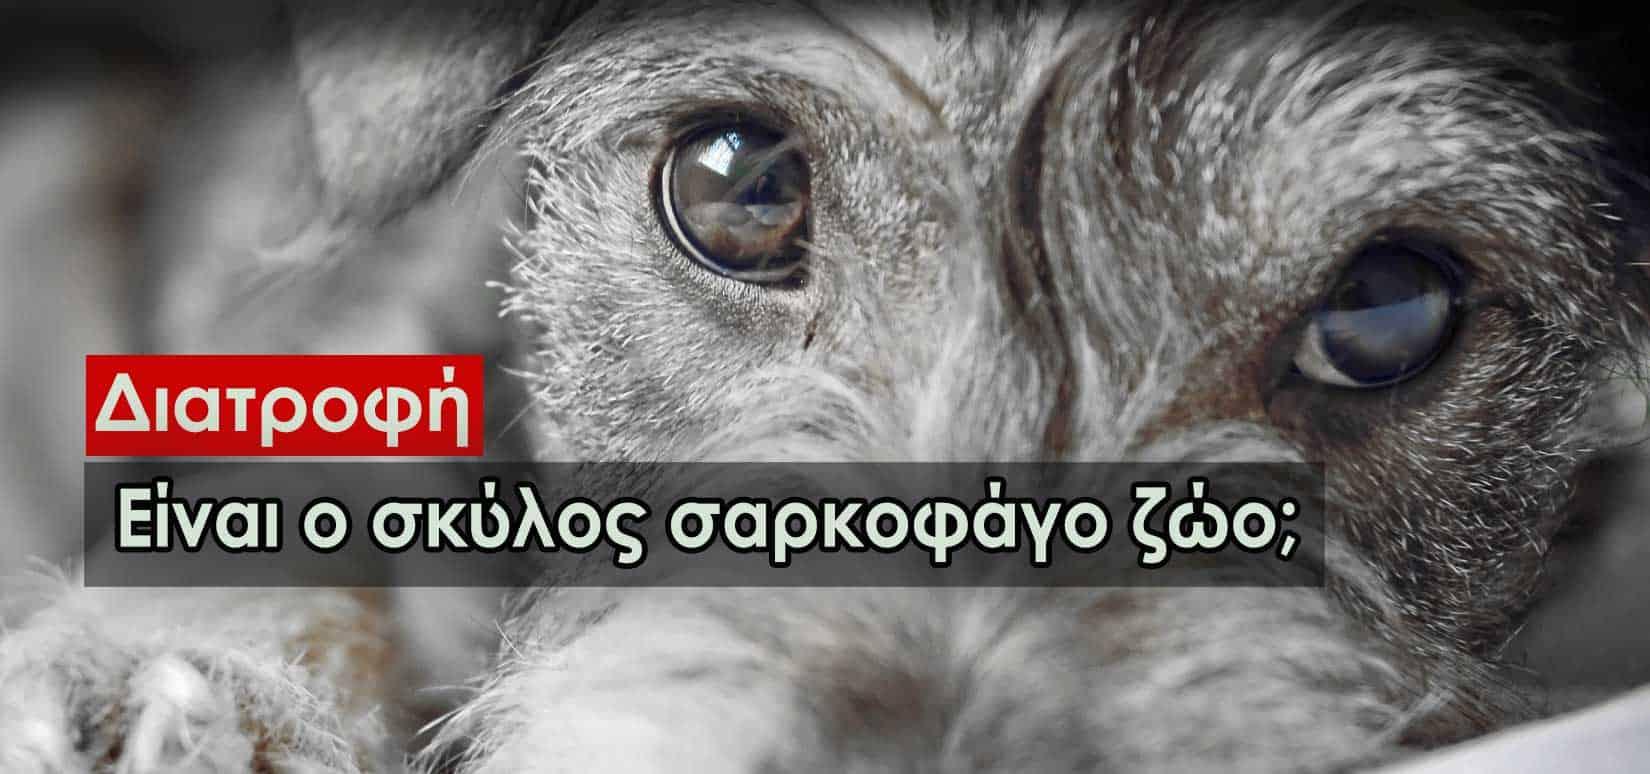 Είναι ο σκύλος σαρκοφάγο ζώο; Η διατροφή του μέσα από την εξέλιξη του σε κατοικίδιο